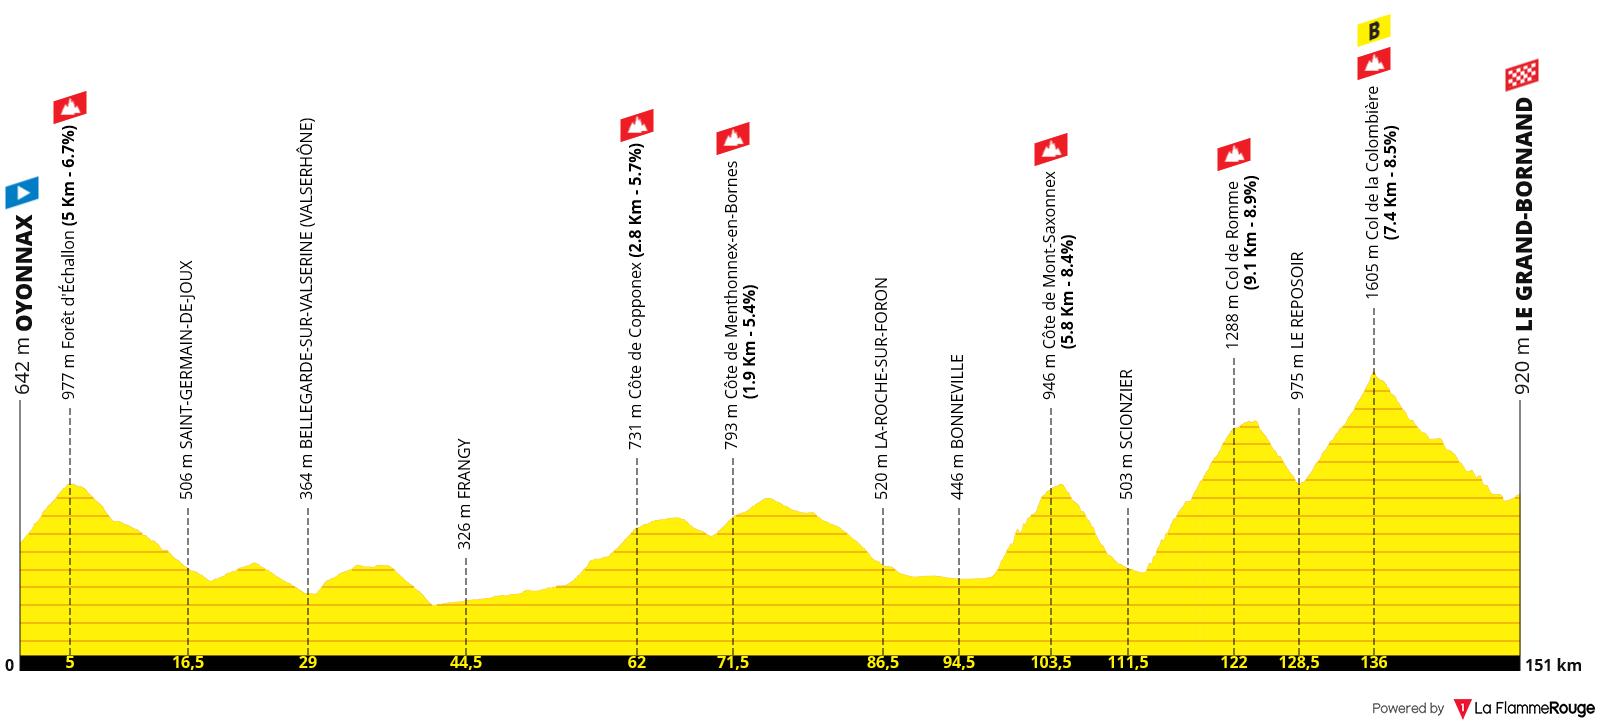 Etapa 08 - Tour de Francia 2021